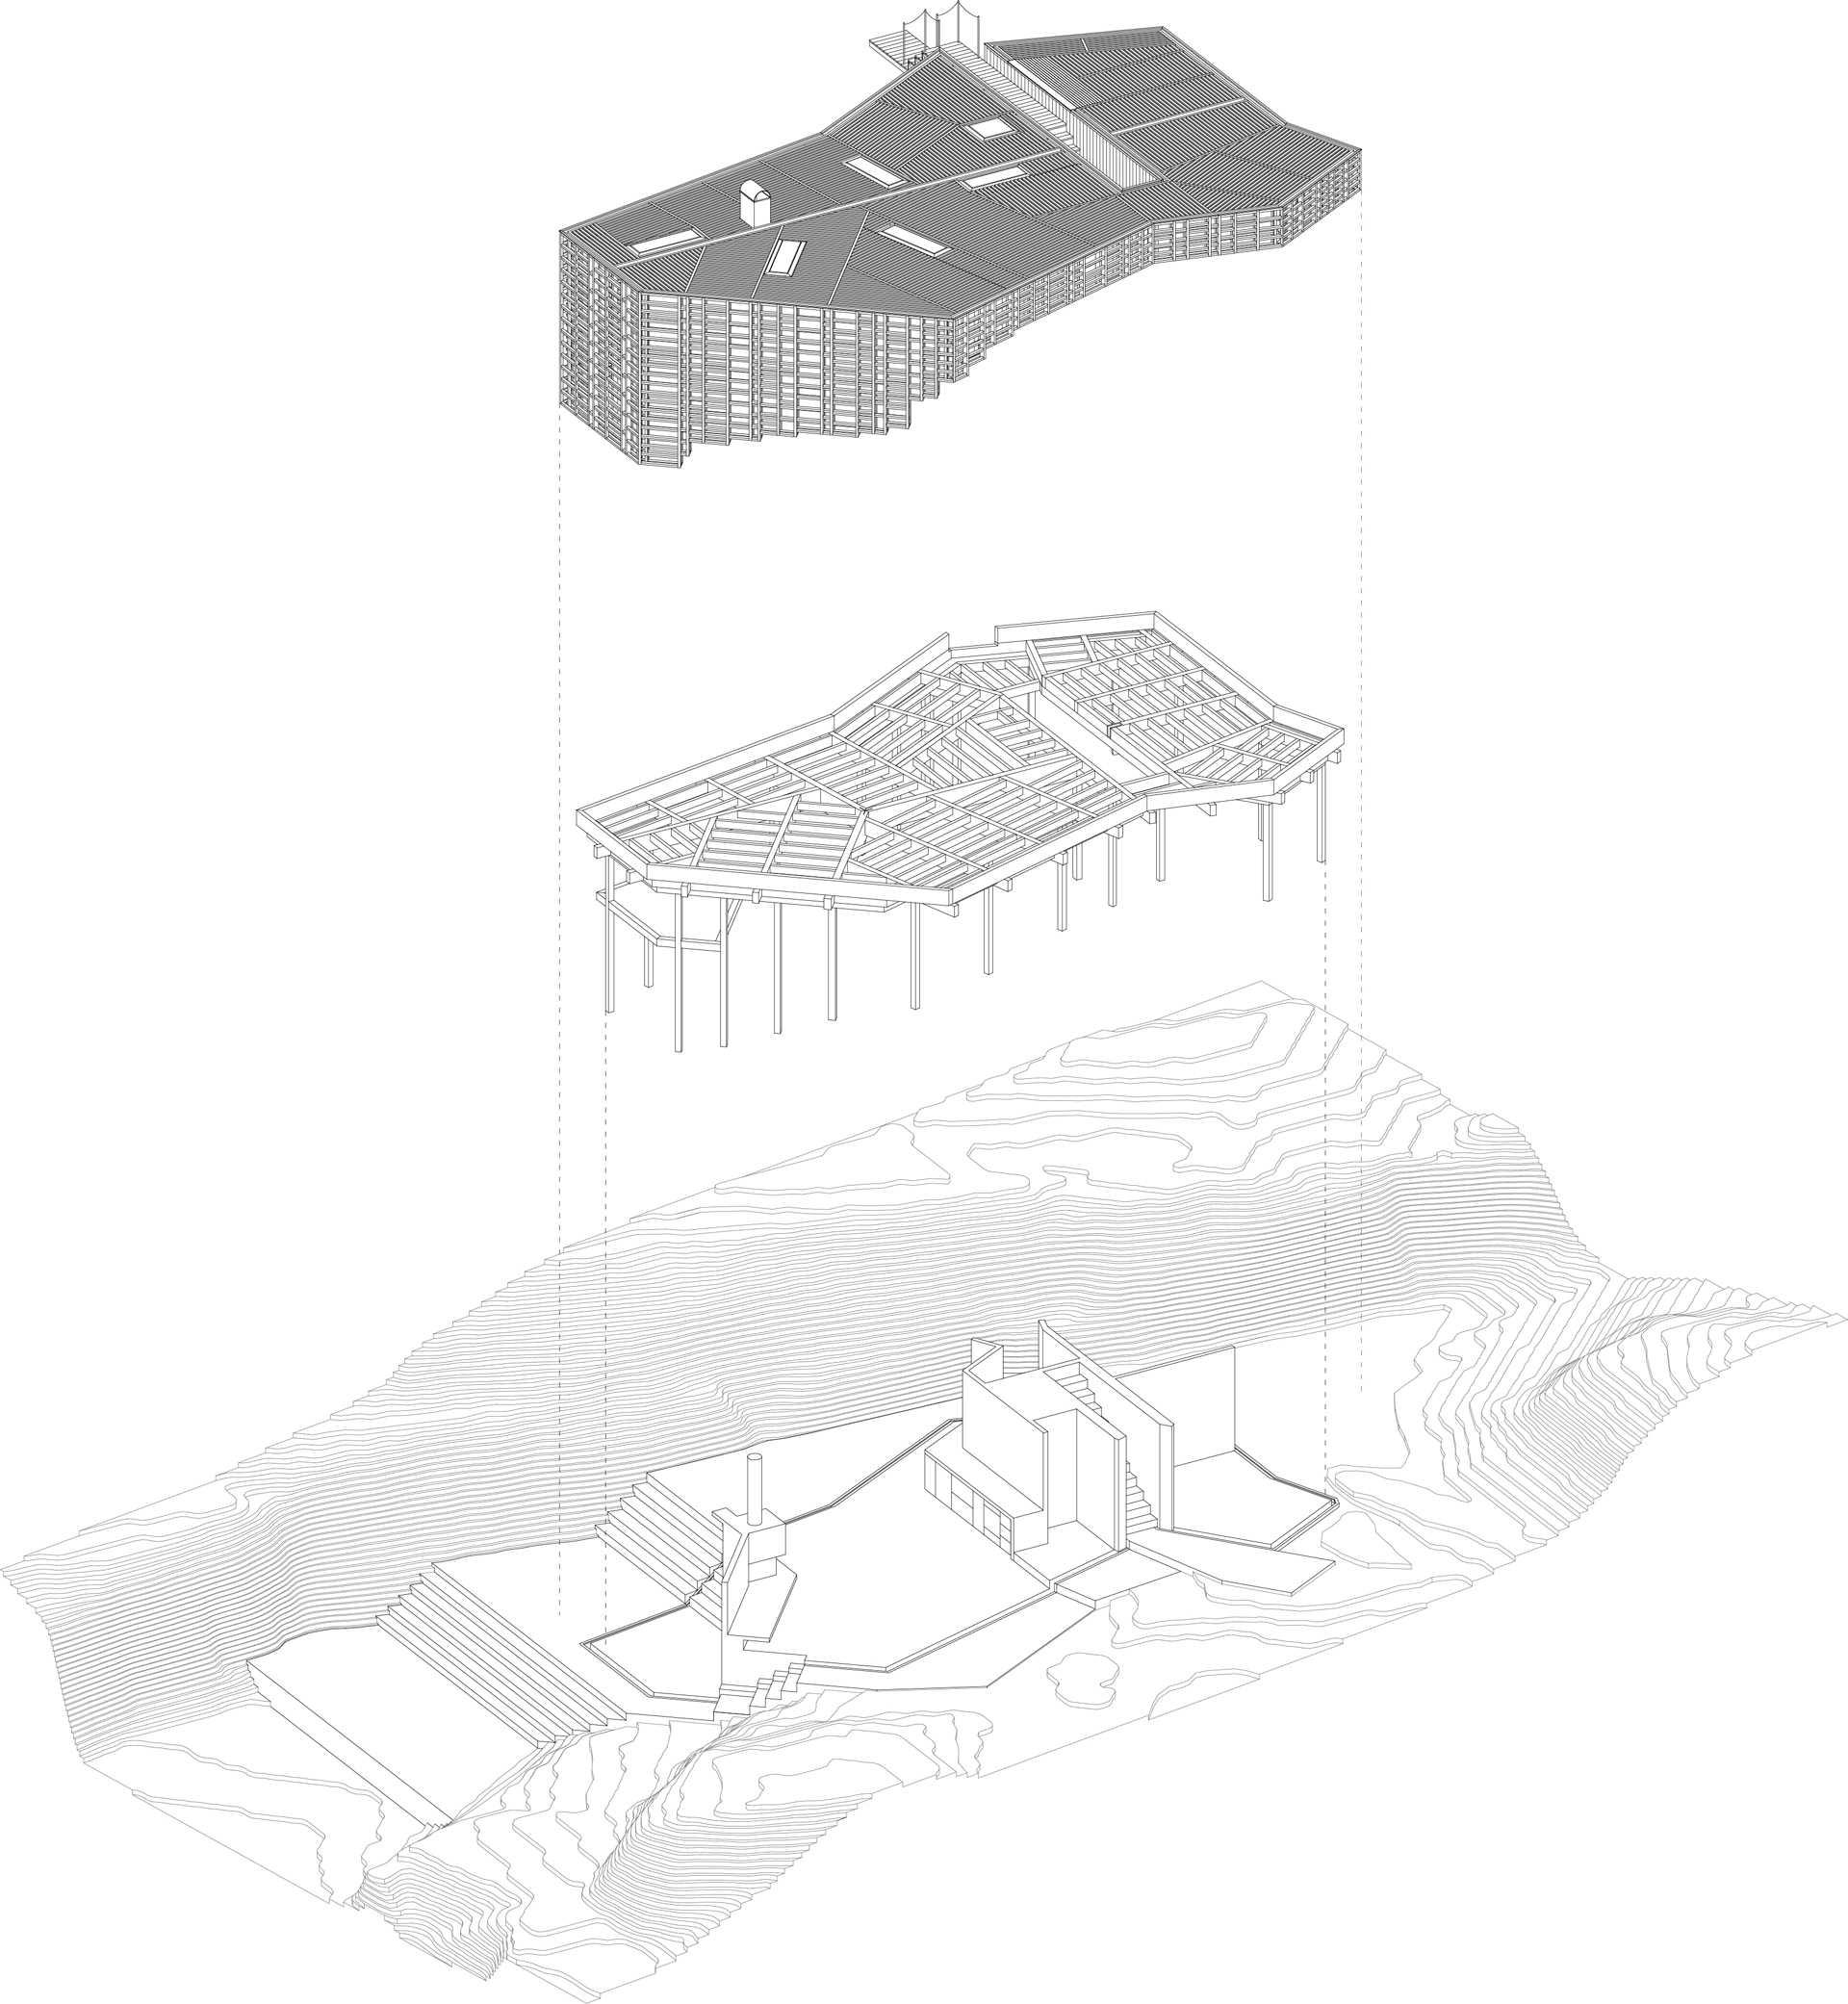 House on an island  - 31 8 52